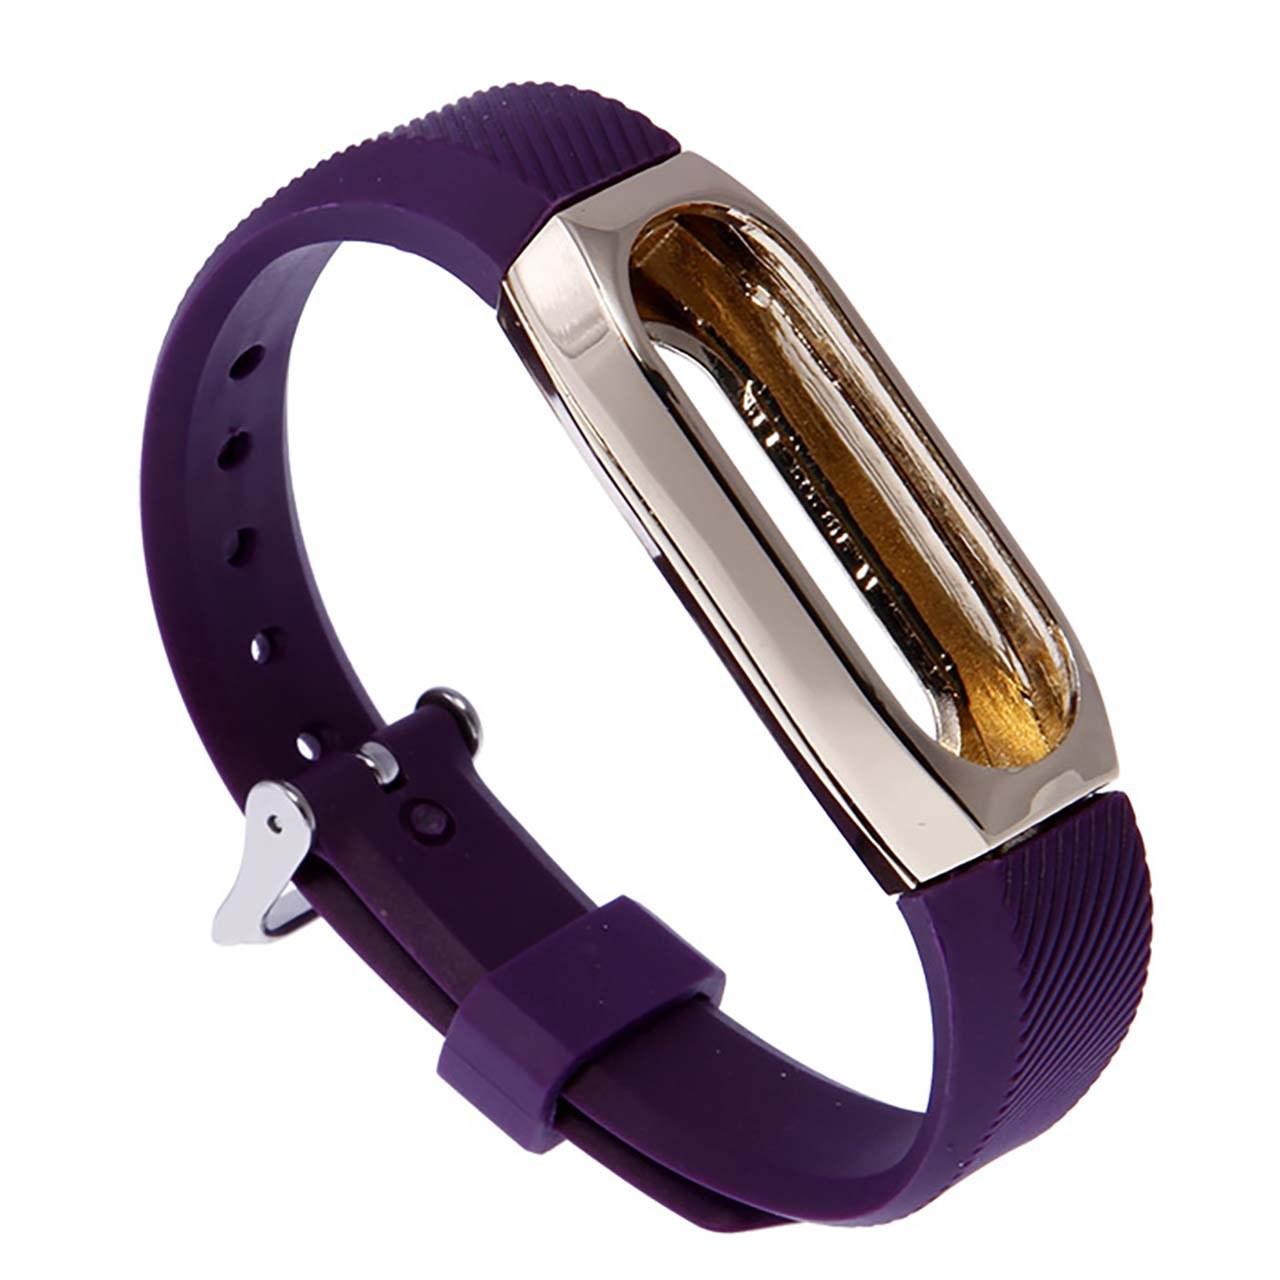 بند مچ بند هوشمند شیائومی مدل Xiaomi Band 2 With Bumper Purple